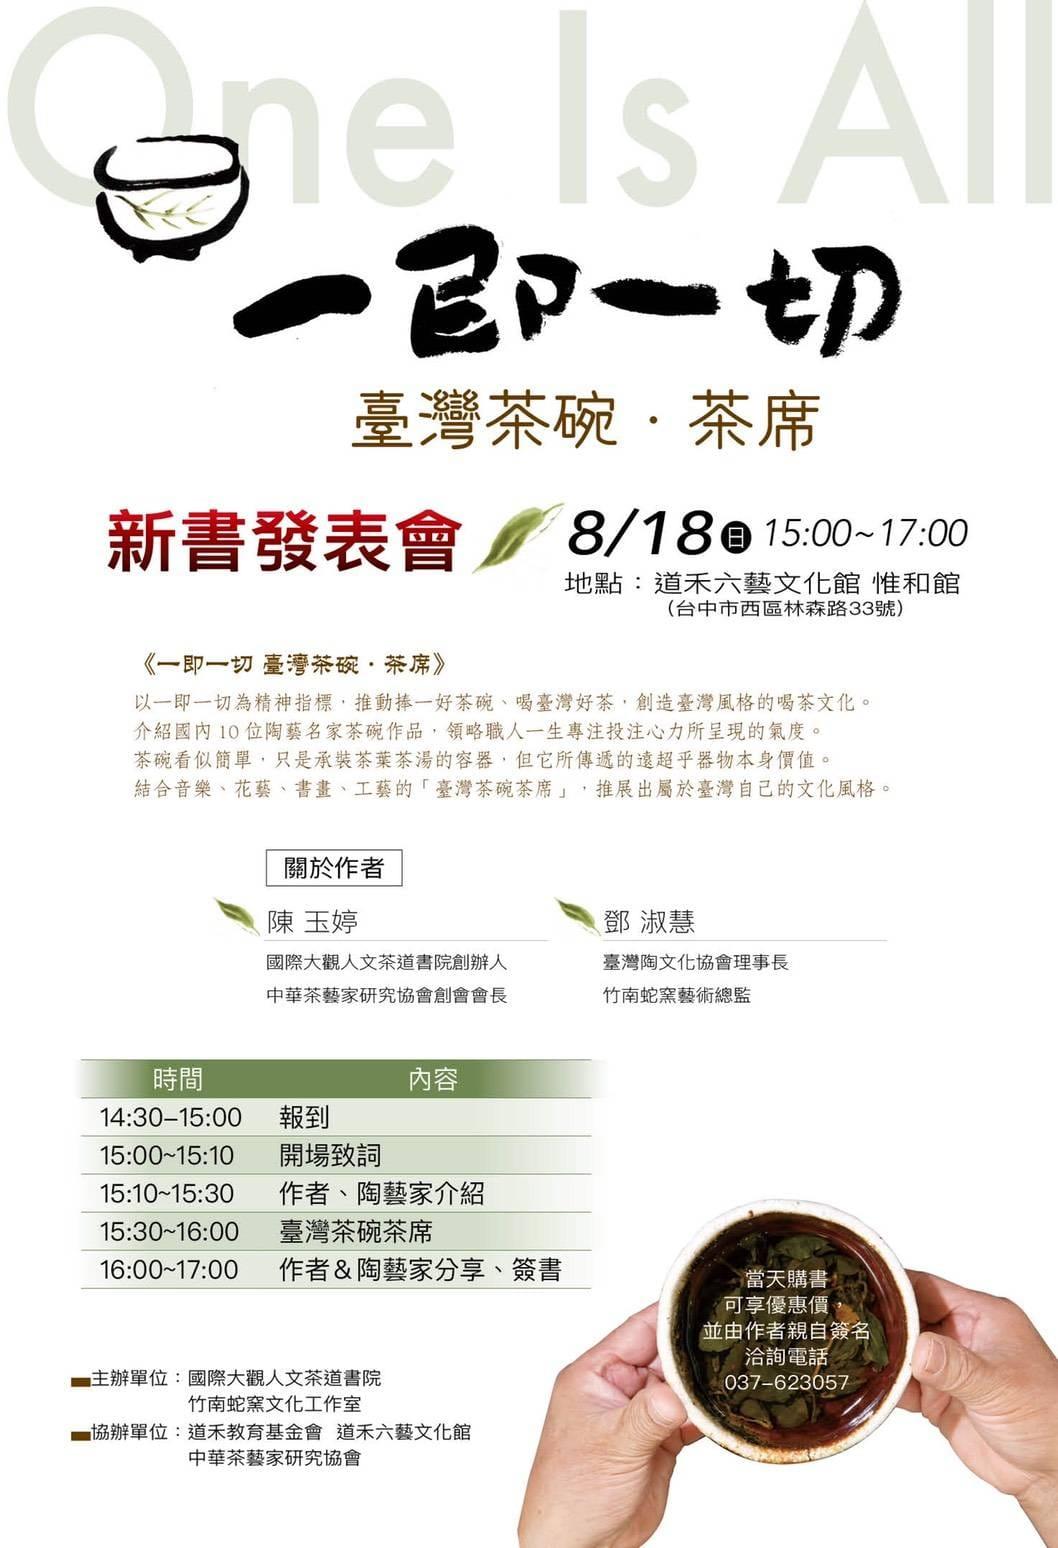 《一即一切 臺灣茶碗・茶席》新書發表會